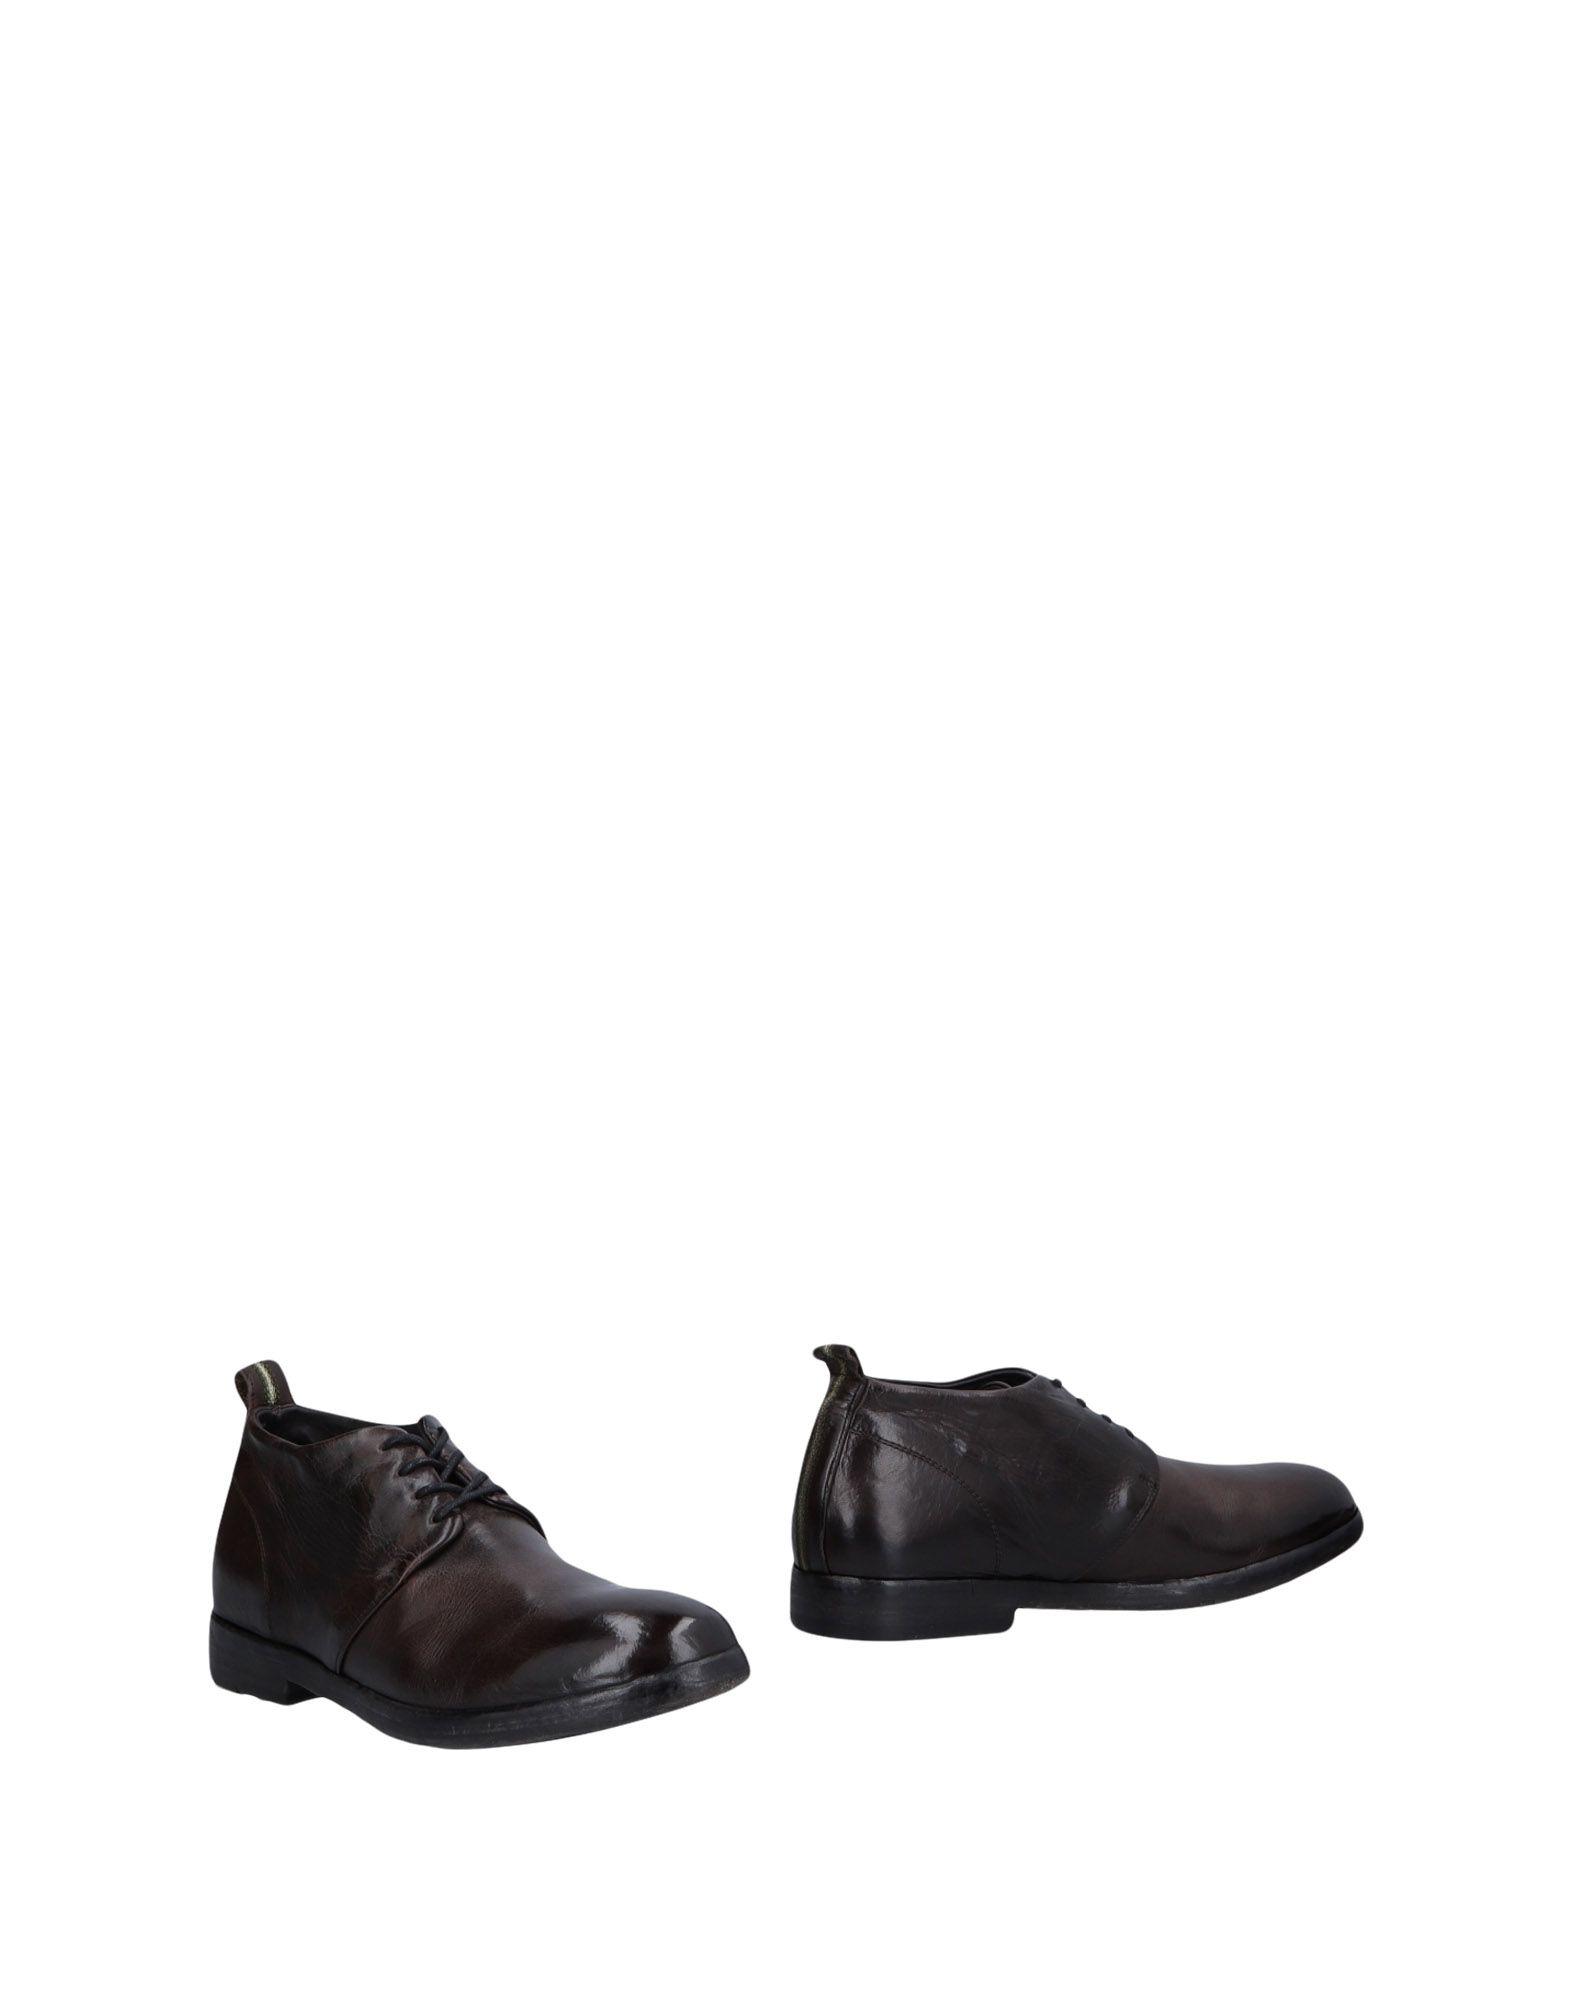 Sartori Gold Stiefelette Herren  11472861BC Gute Qualität beliebte Schuhe